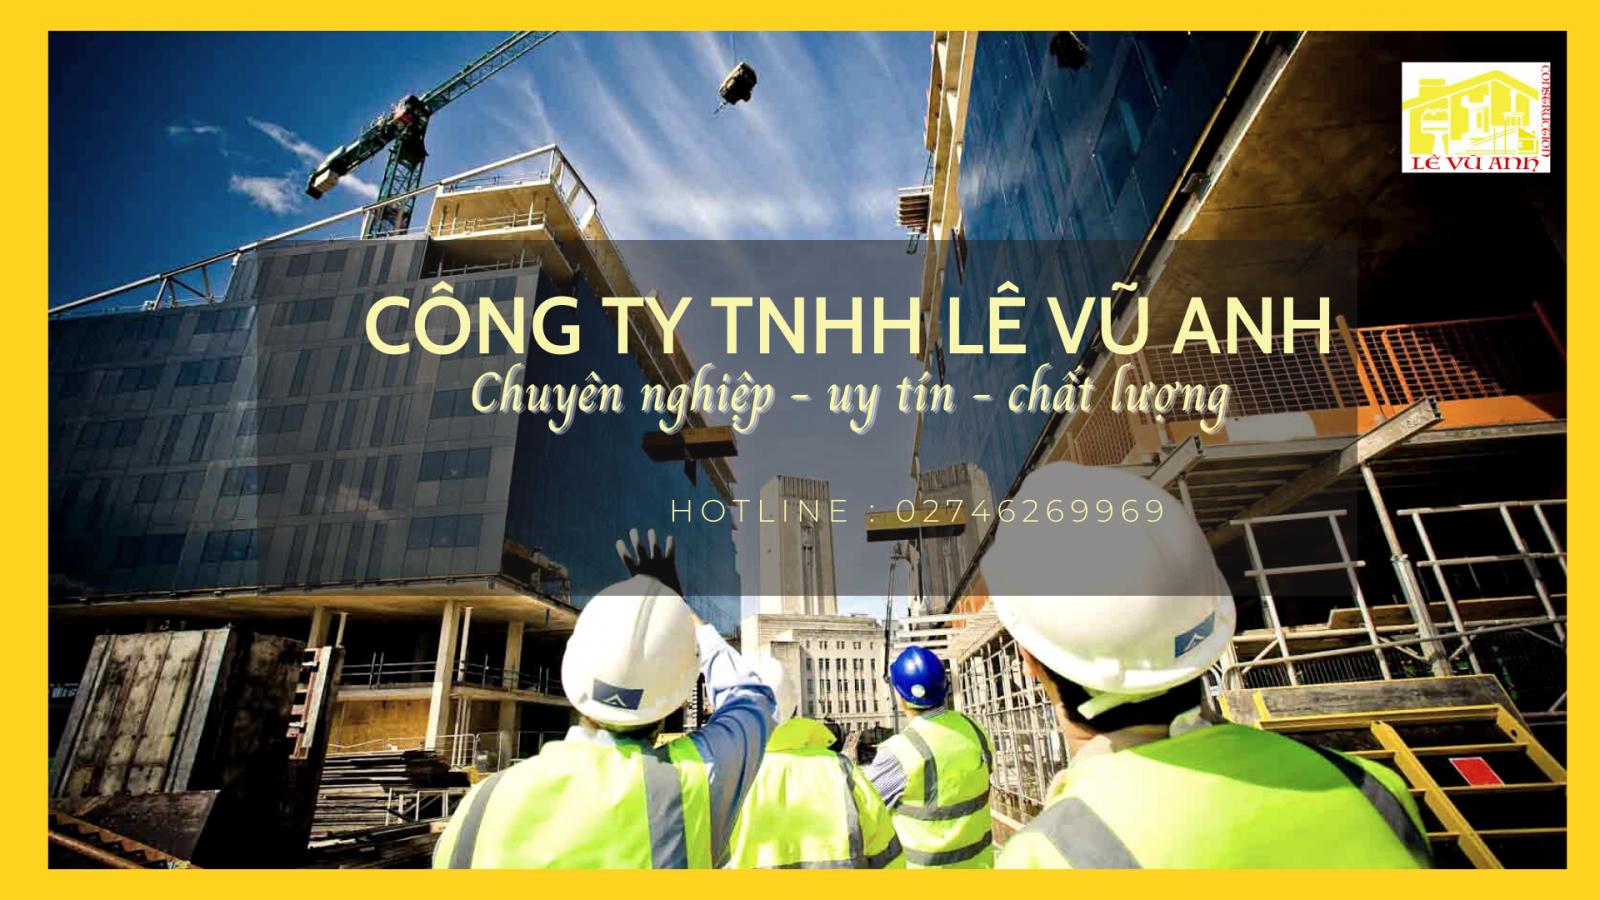 Công ty TNHH Lê Vũ Anh